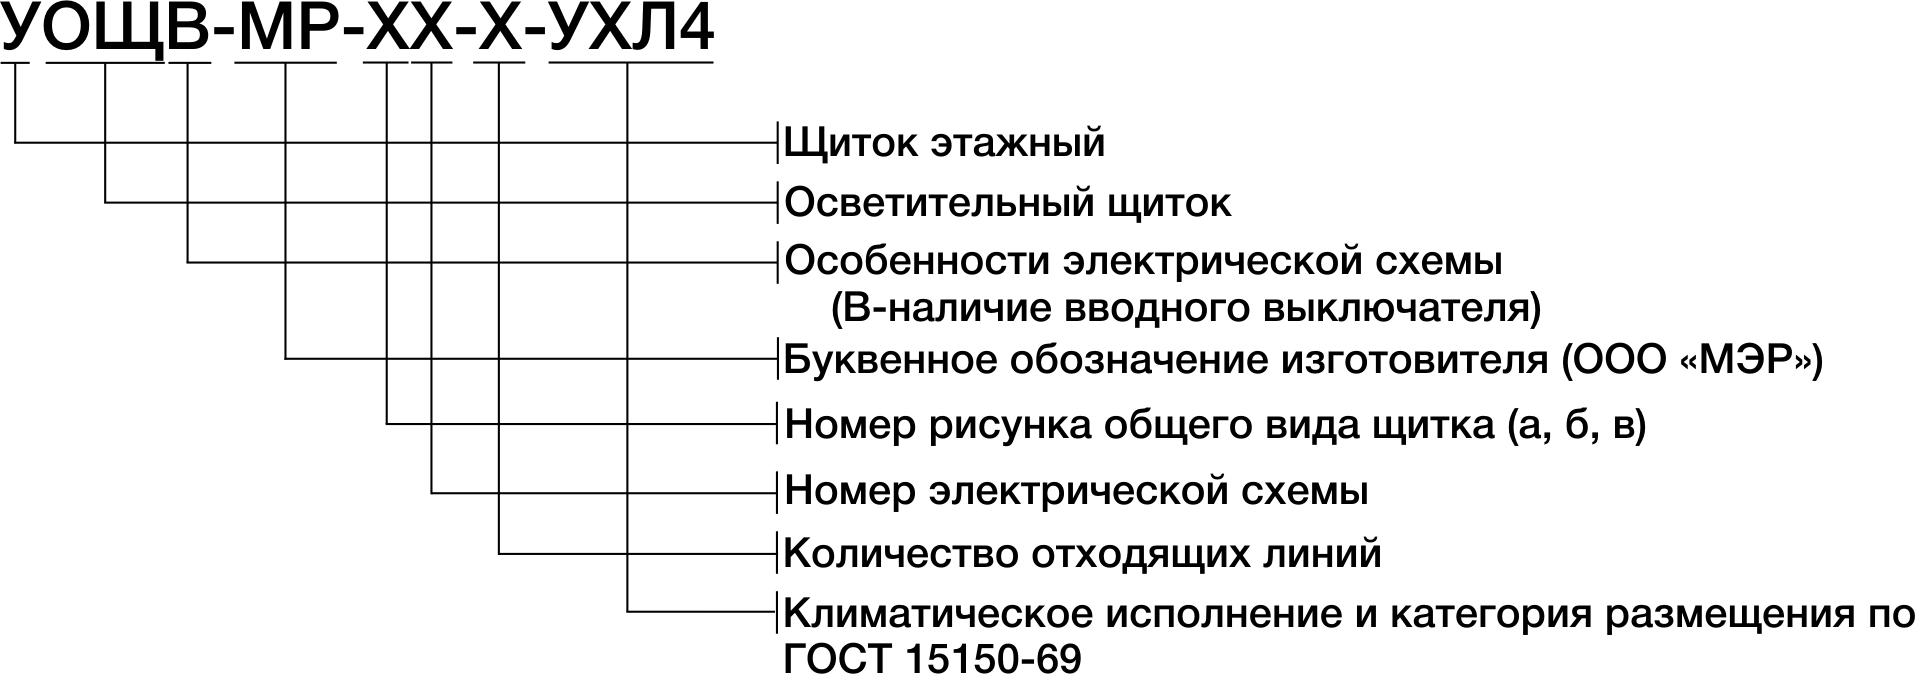 Структура условного обозначения щитка осветительного серии ЯОУ-МР